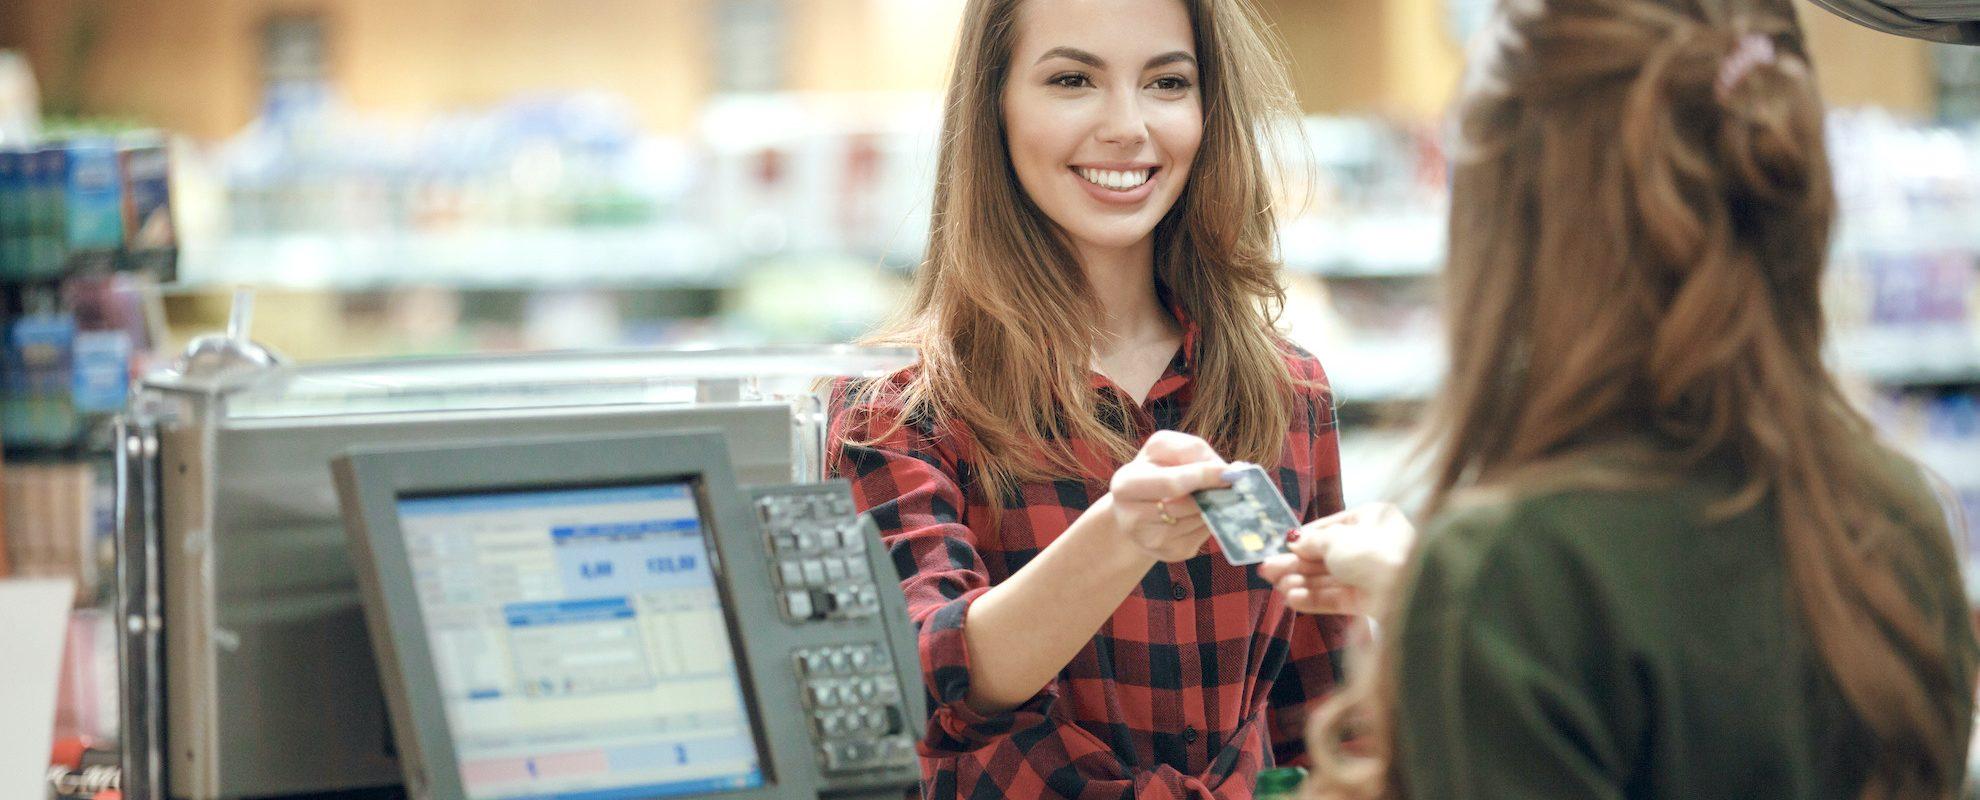 Gestione e protezione della cassa del negozio, sistemi di allarme per aziende, retail e gdo